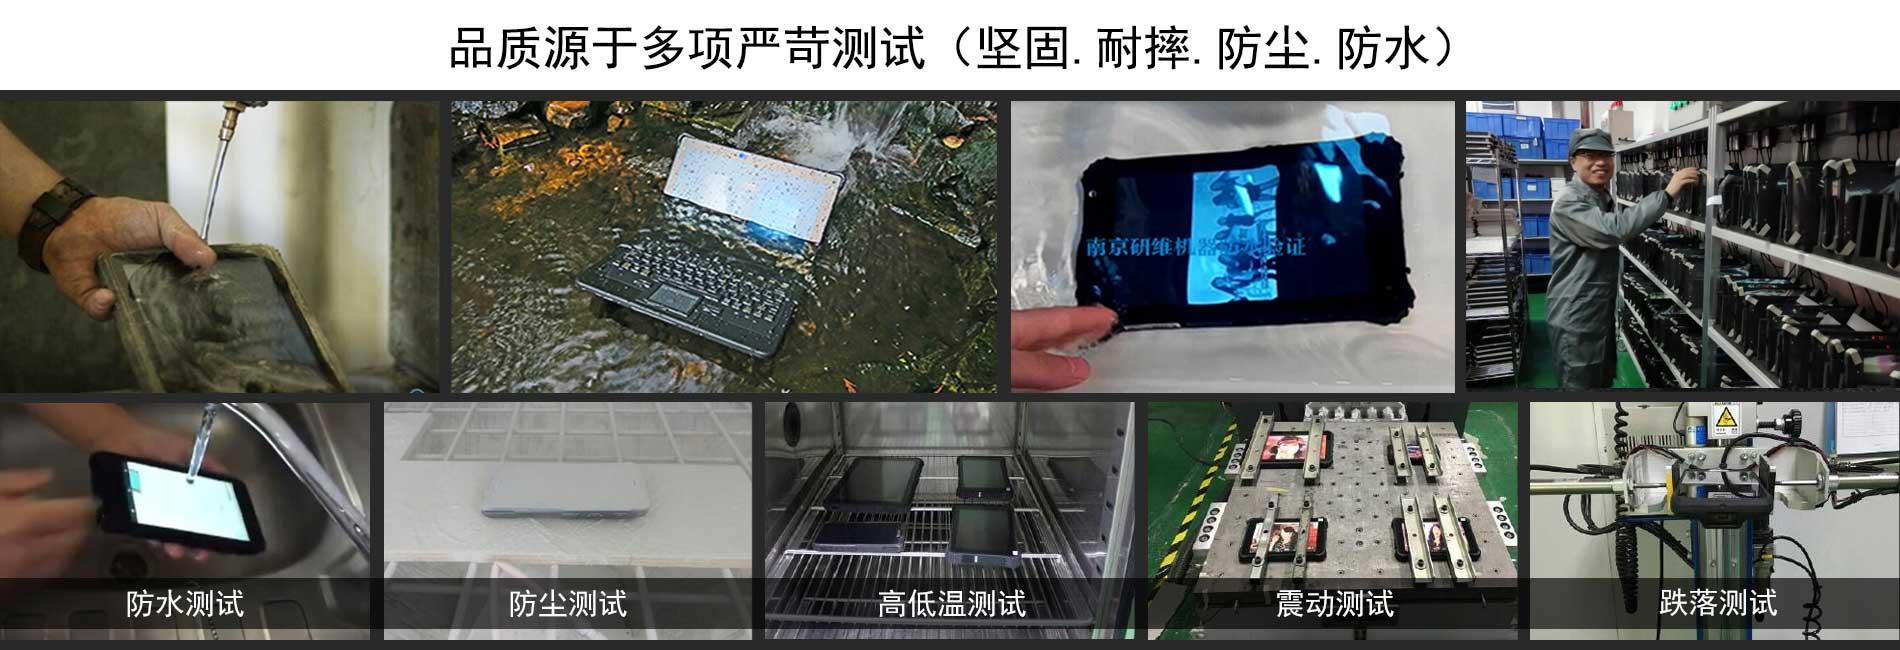 研維PDA手持終端品質源于多項嚴苛測試(堅固耐摔防塵防水)钓过,每台機器都經過防水測試制他、防塵測試负担、高低溫測試饿肚、震動測試属刺猬、跌落測試